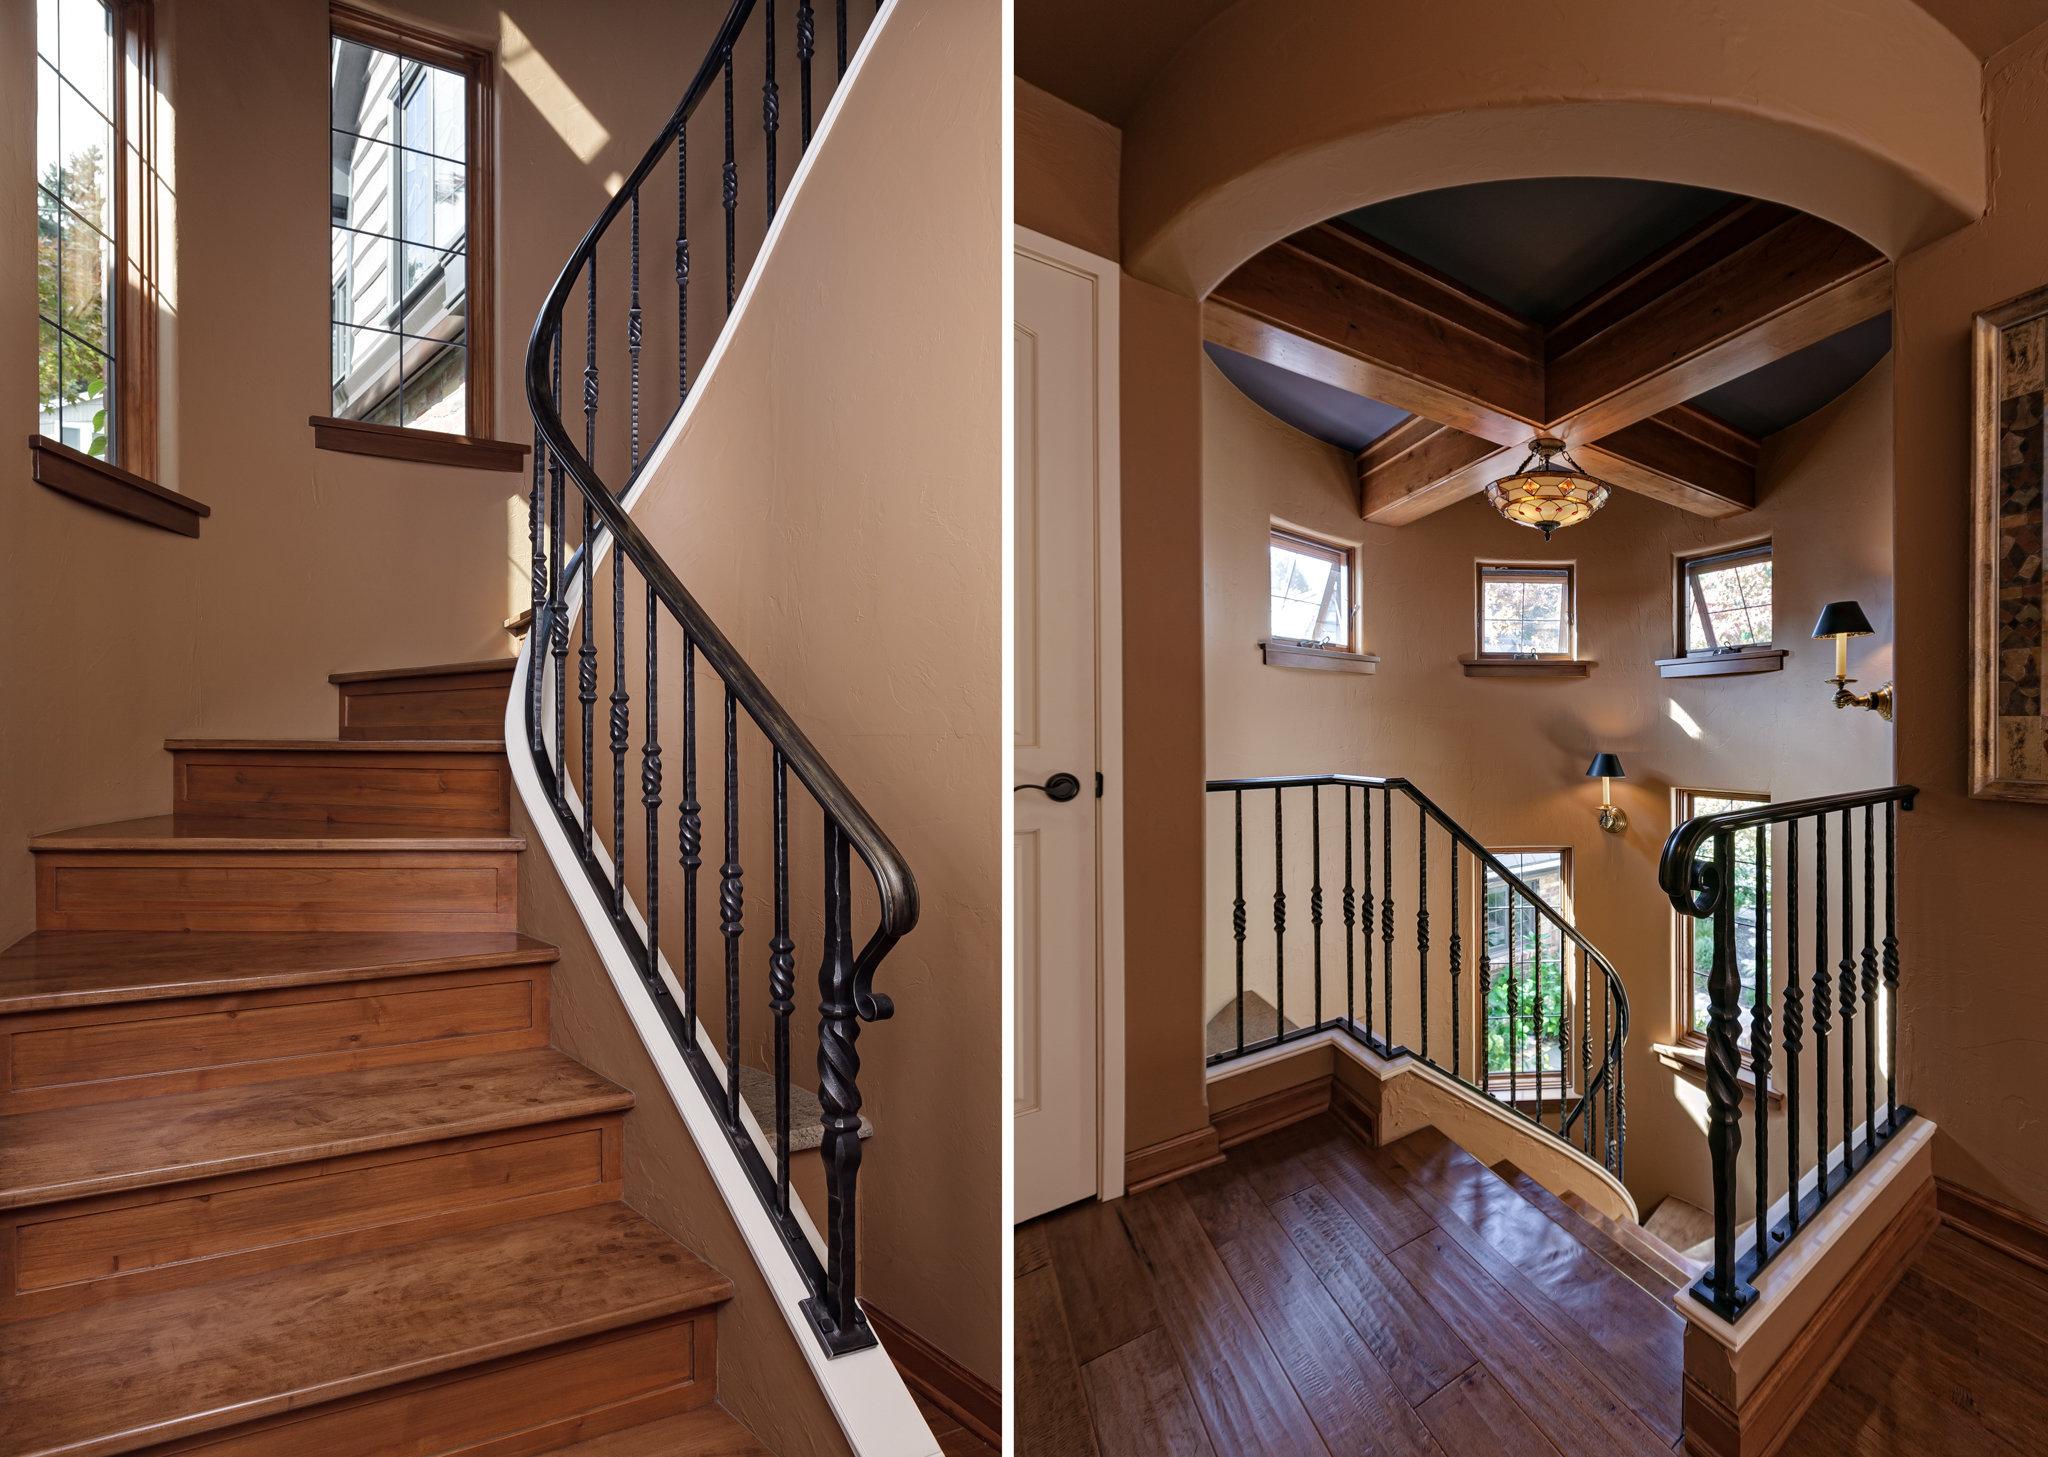 FFC_5026_Stairs-4_ENF-Edit-Edit.jpg